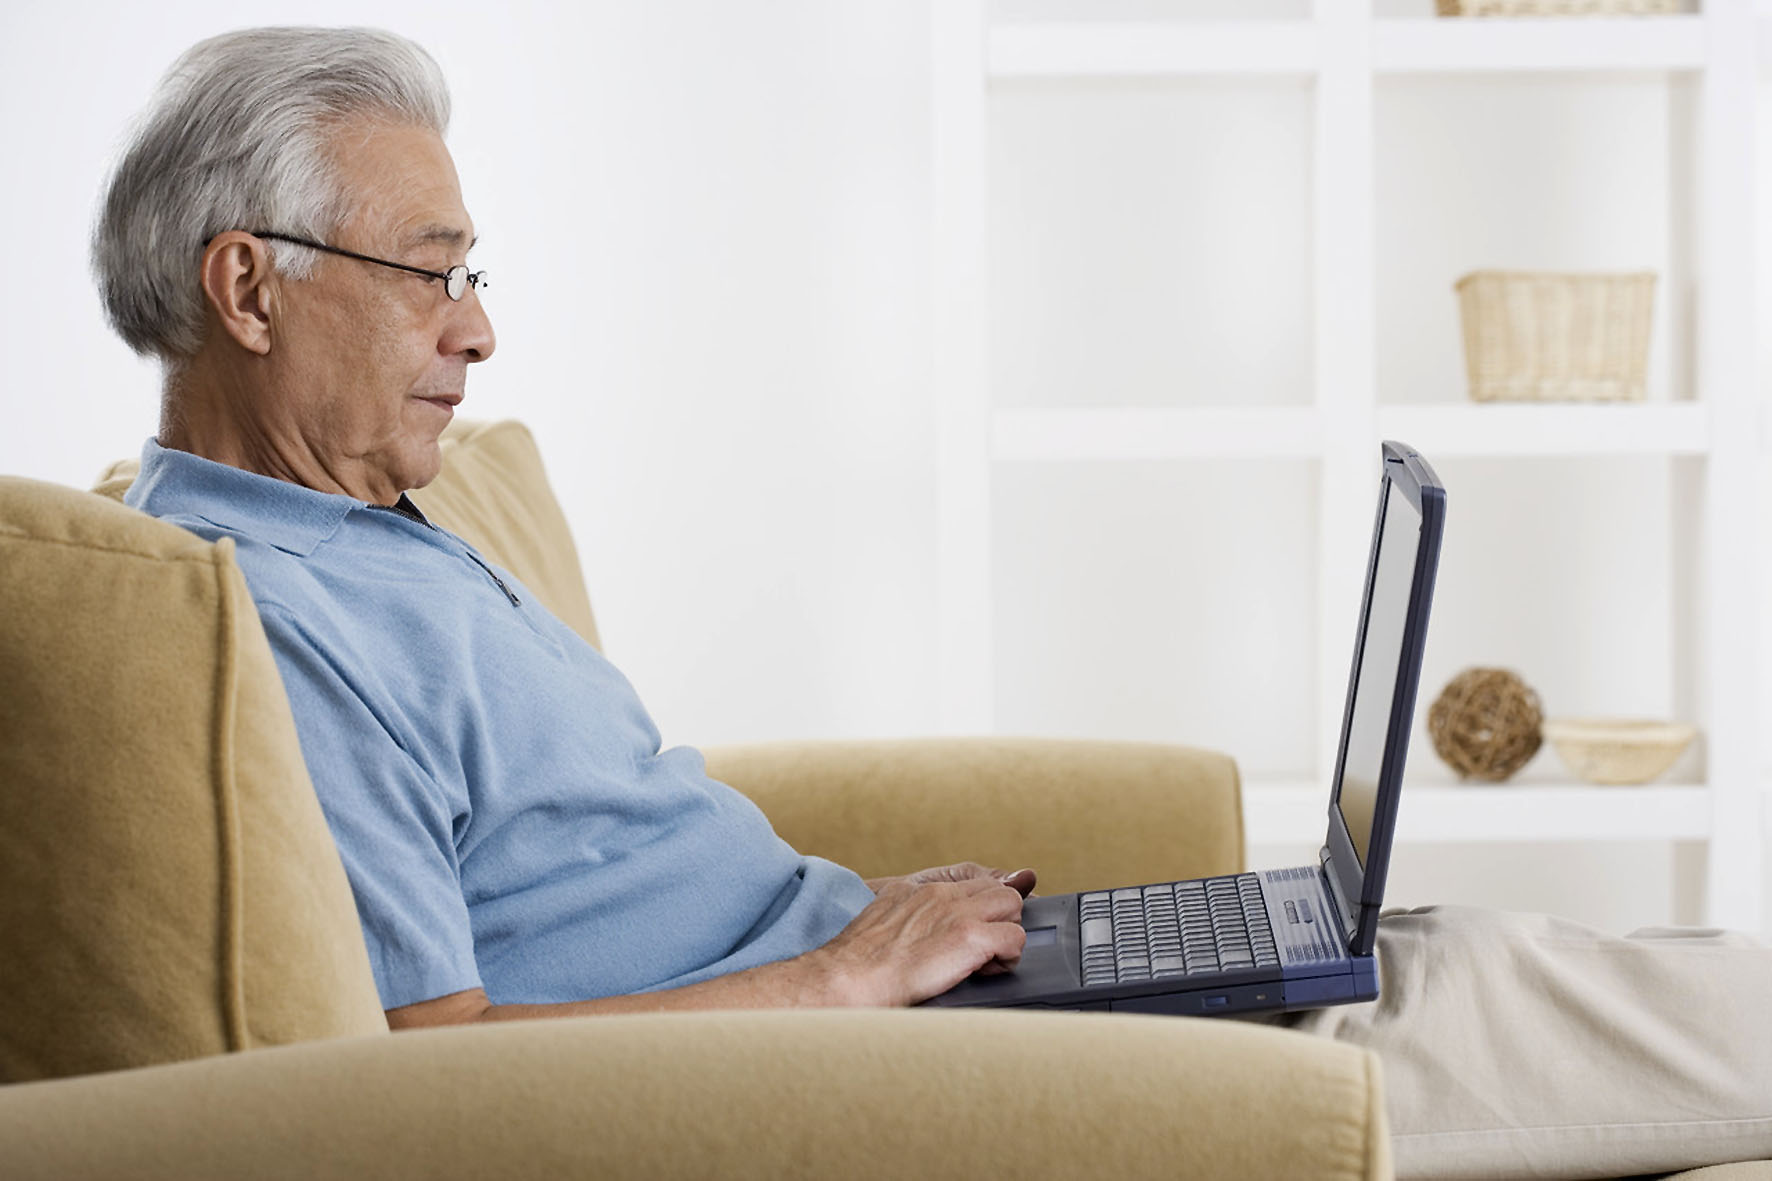 Проект федерального закона о выплате пенсий работающим пенсионерам